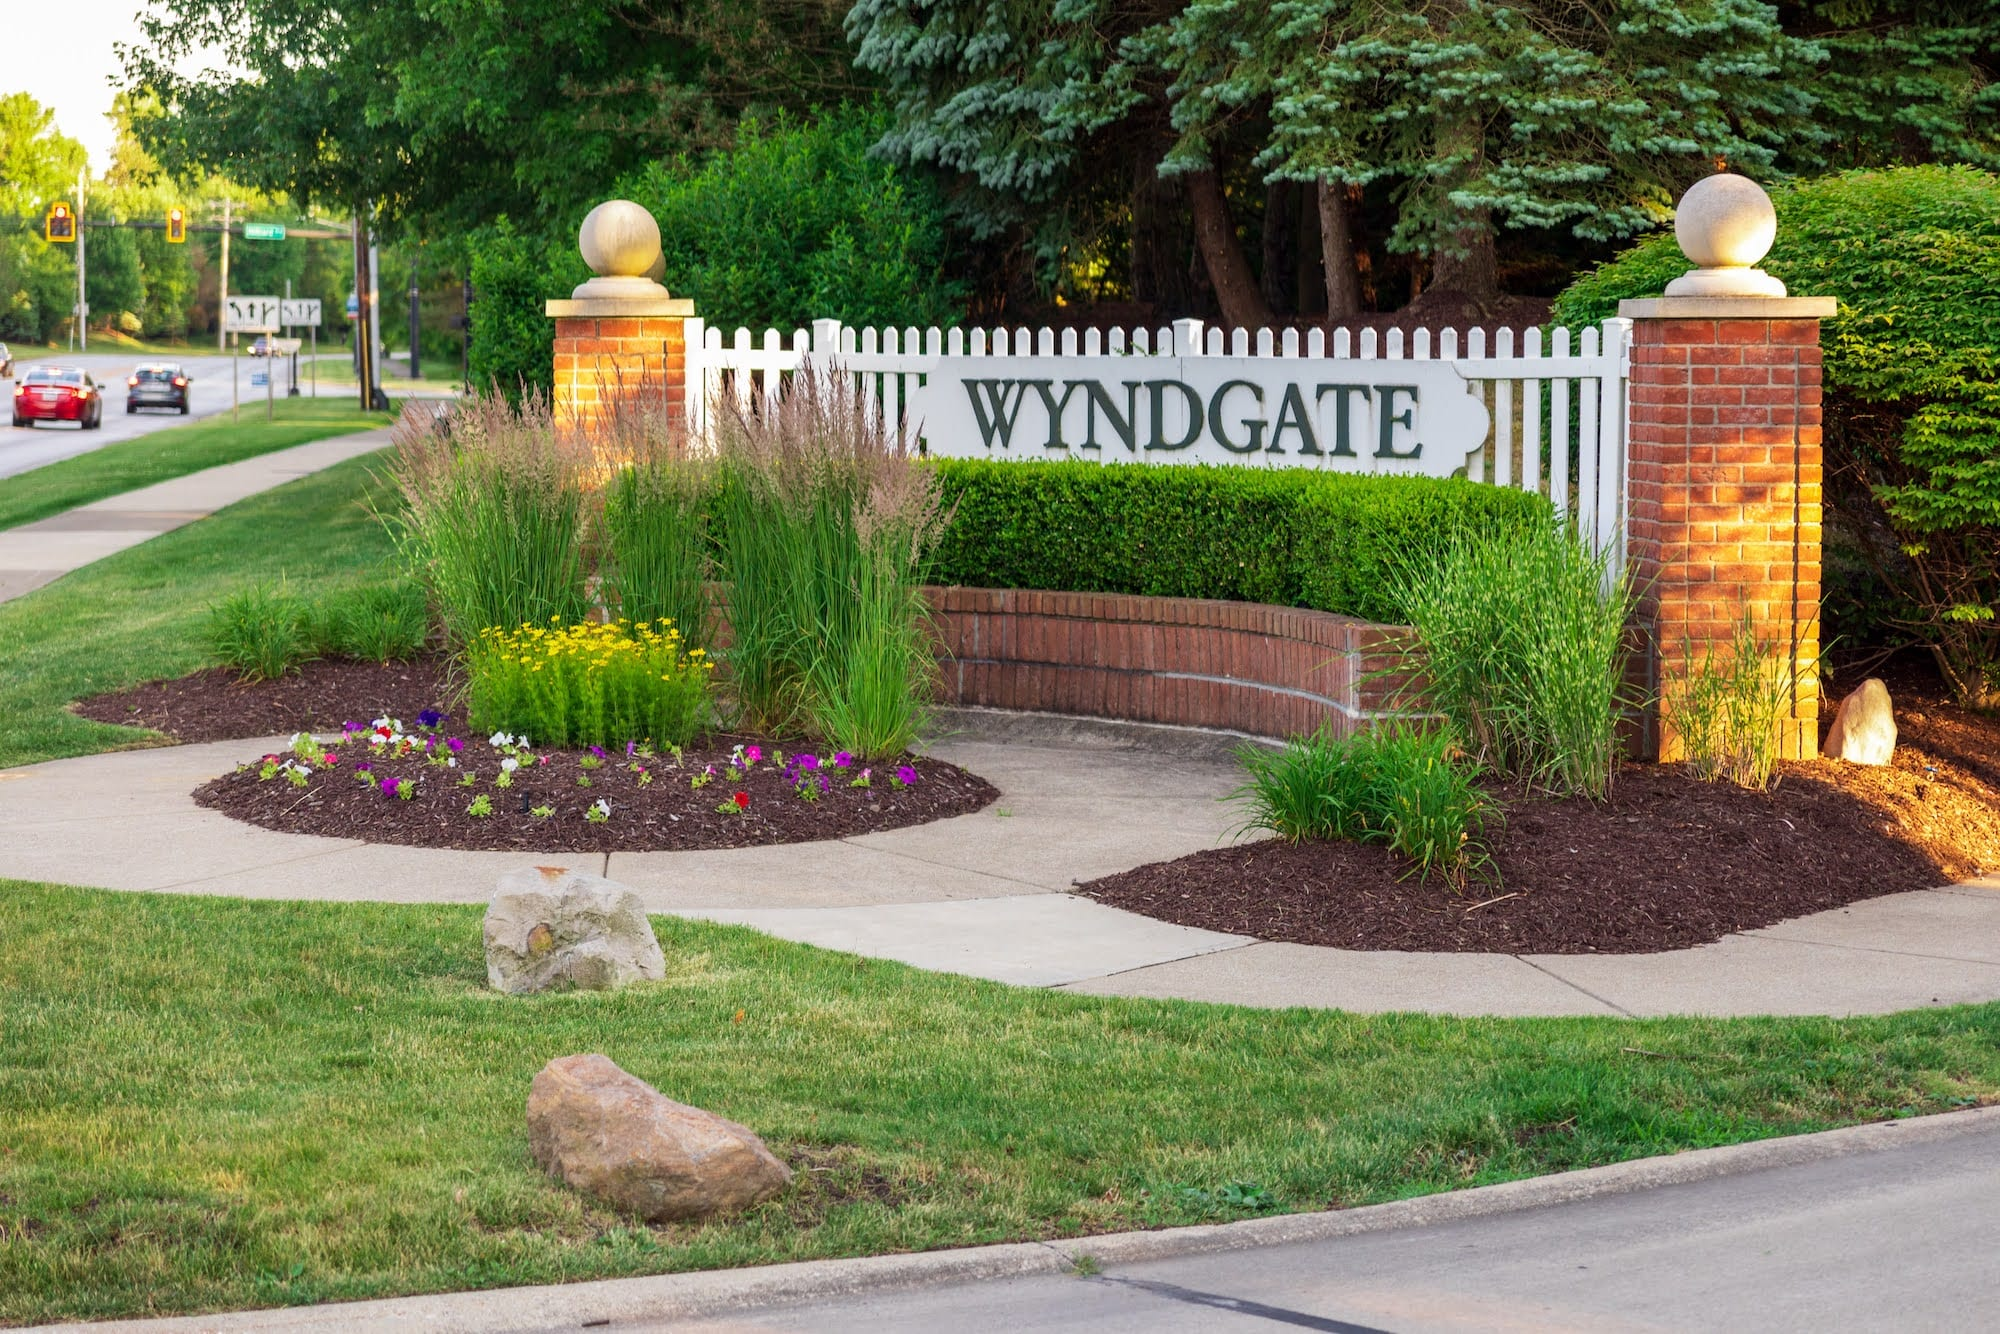 Wyndgate Westlake2